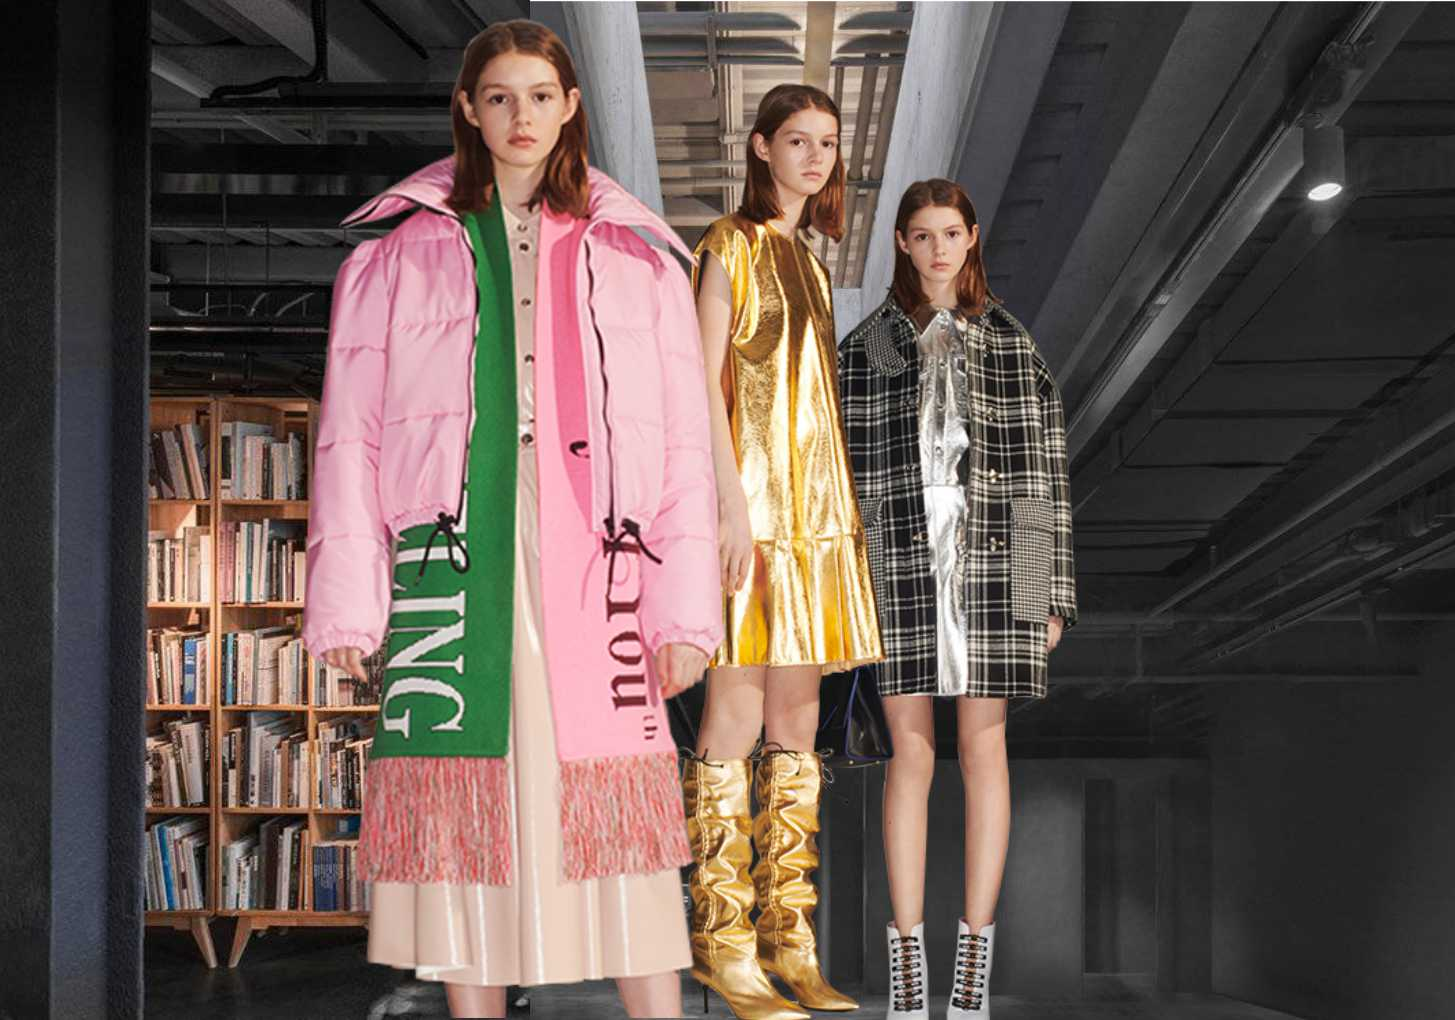 MSGM將各式日常服飾以醒目印花圖案實現隨心愉悅的搭配。品牌專注鮮亮色、前衛印花與有趣廓形令時下的年輕人瘋狂.